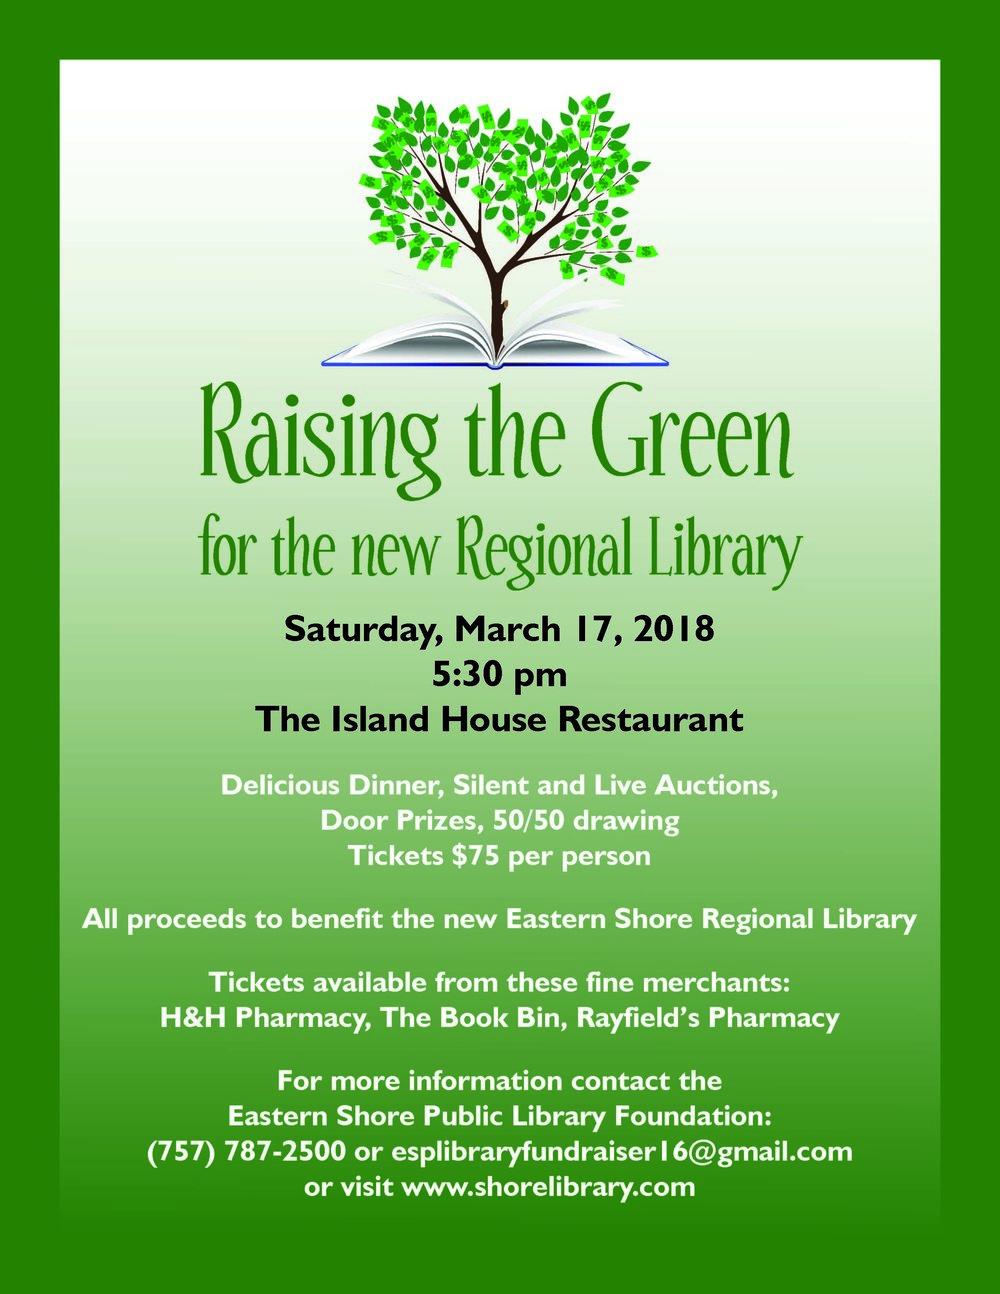 ESPL Raising the Green Flyer.jpg